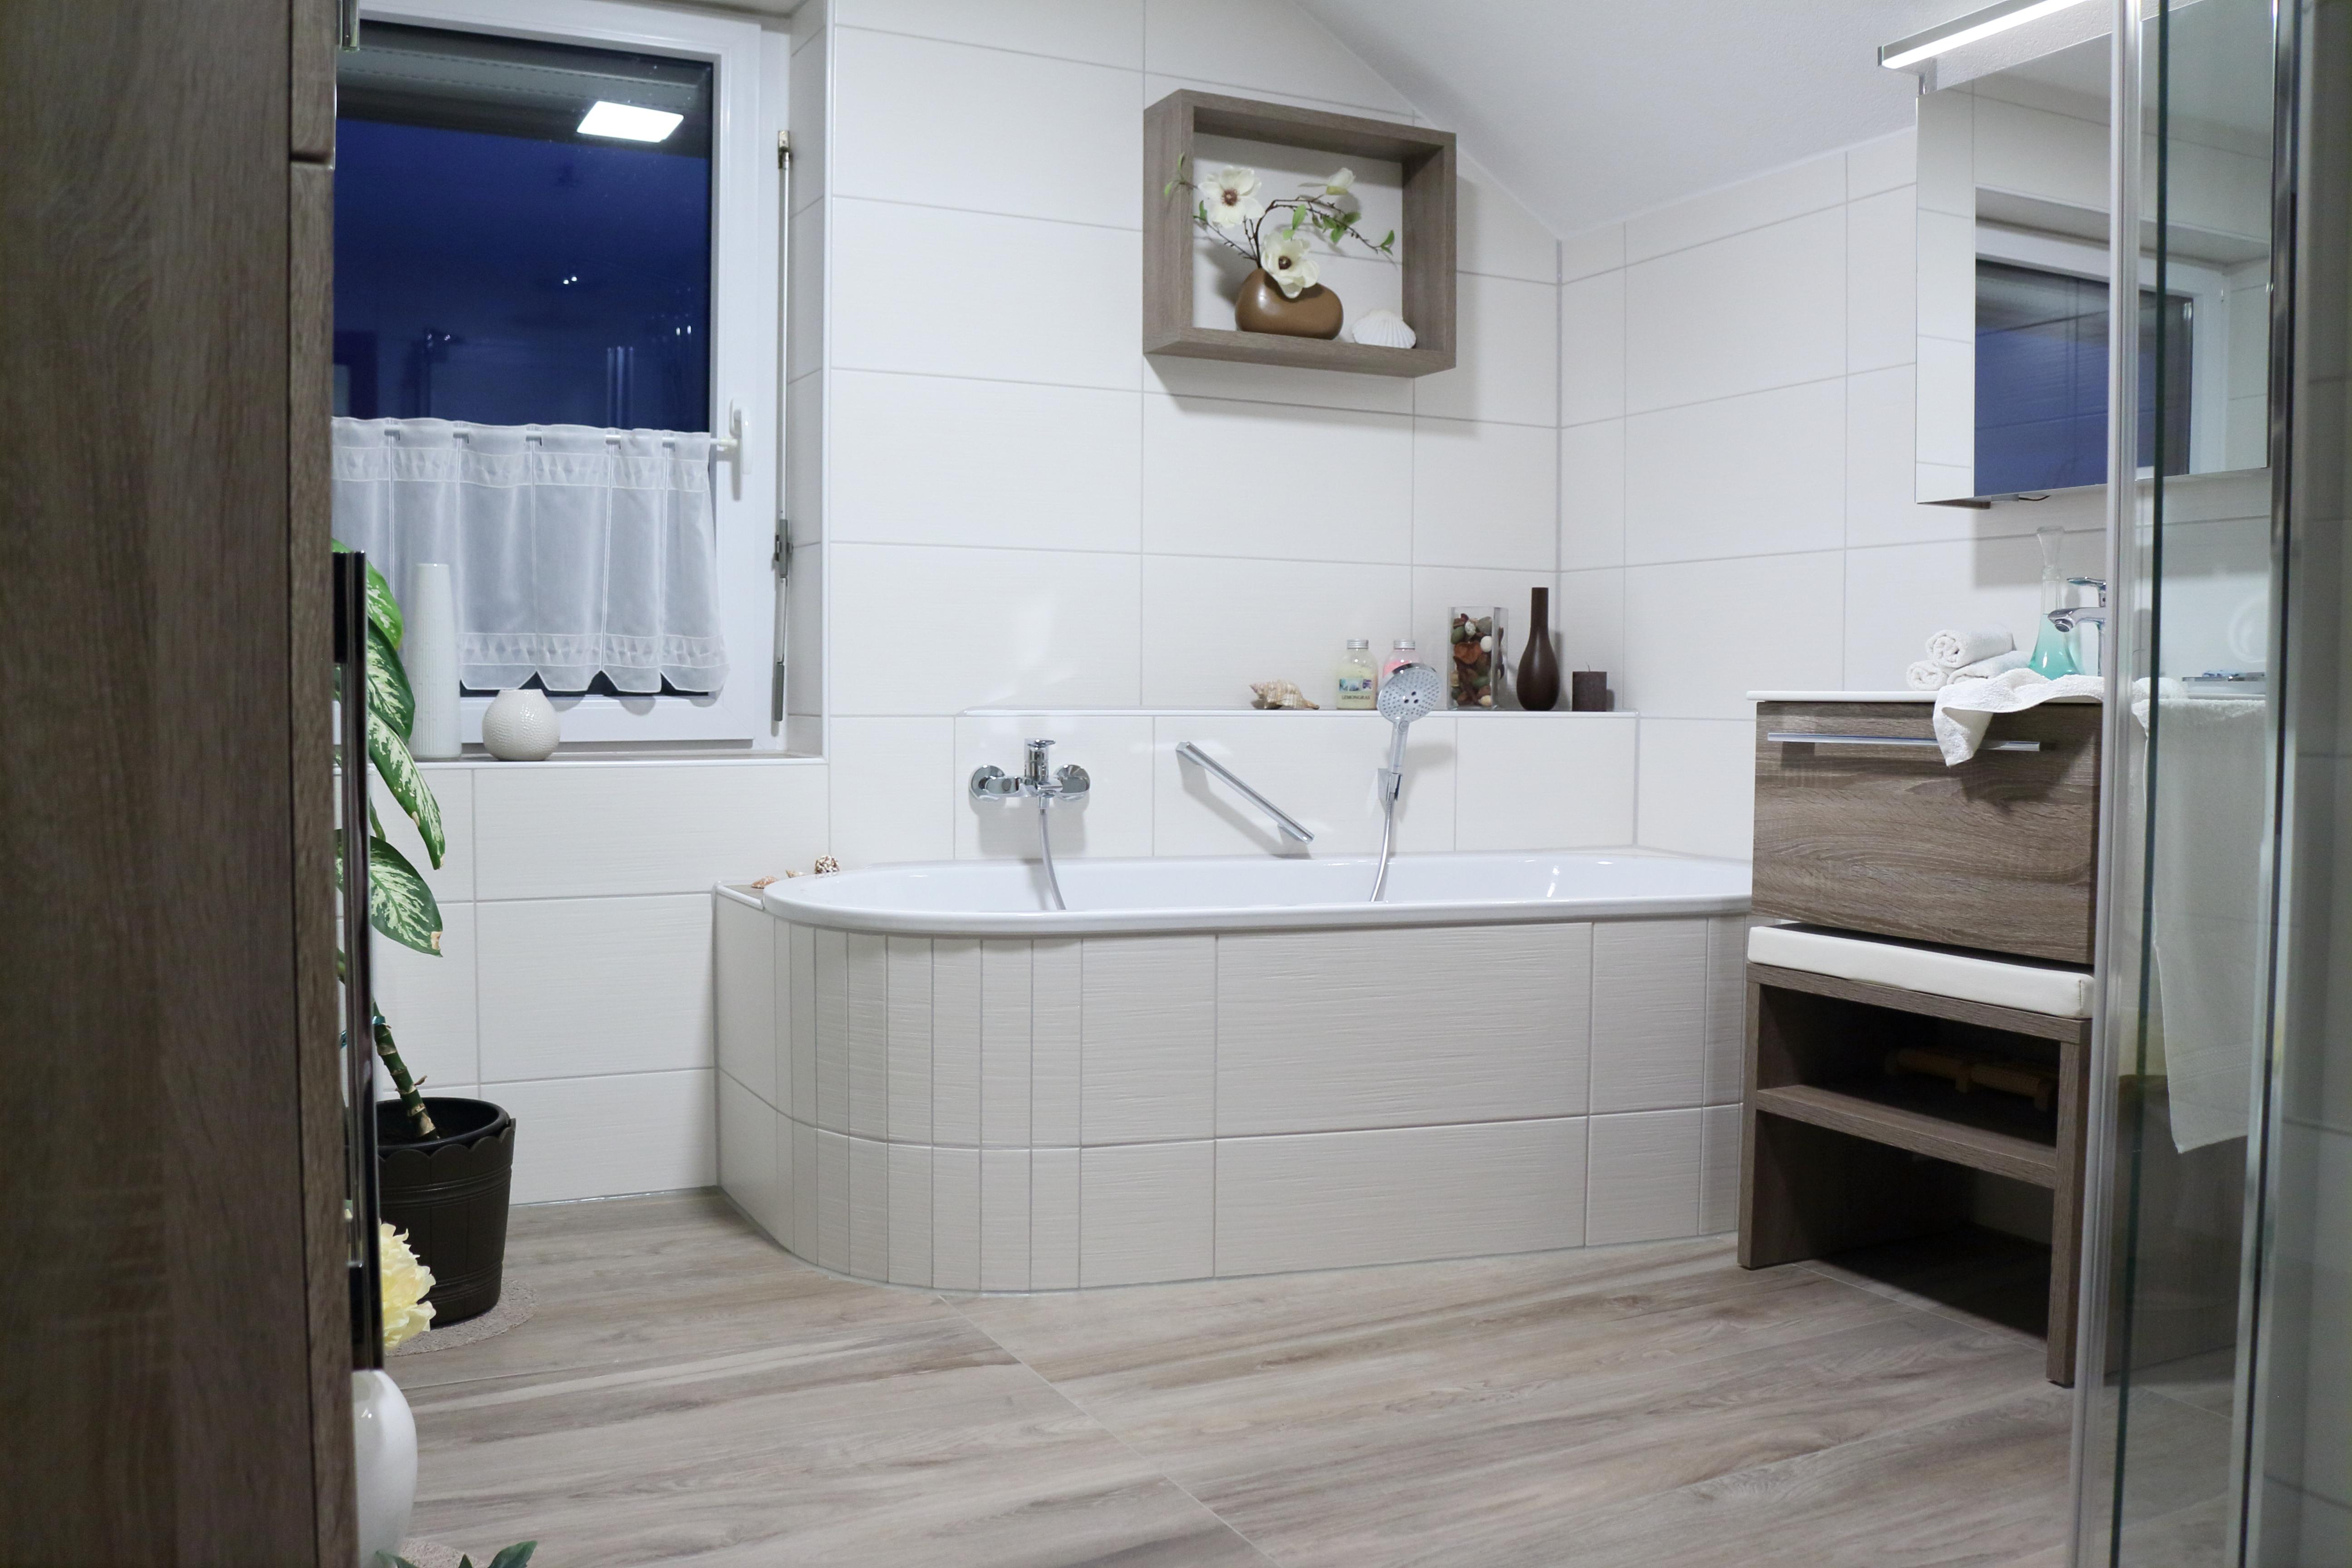 Badezimmer mit Dachschräge by Axel Kreisel - Bäder zum ...